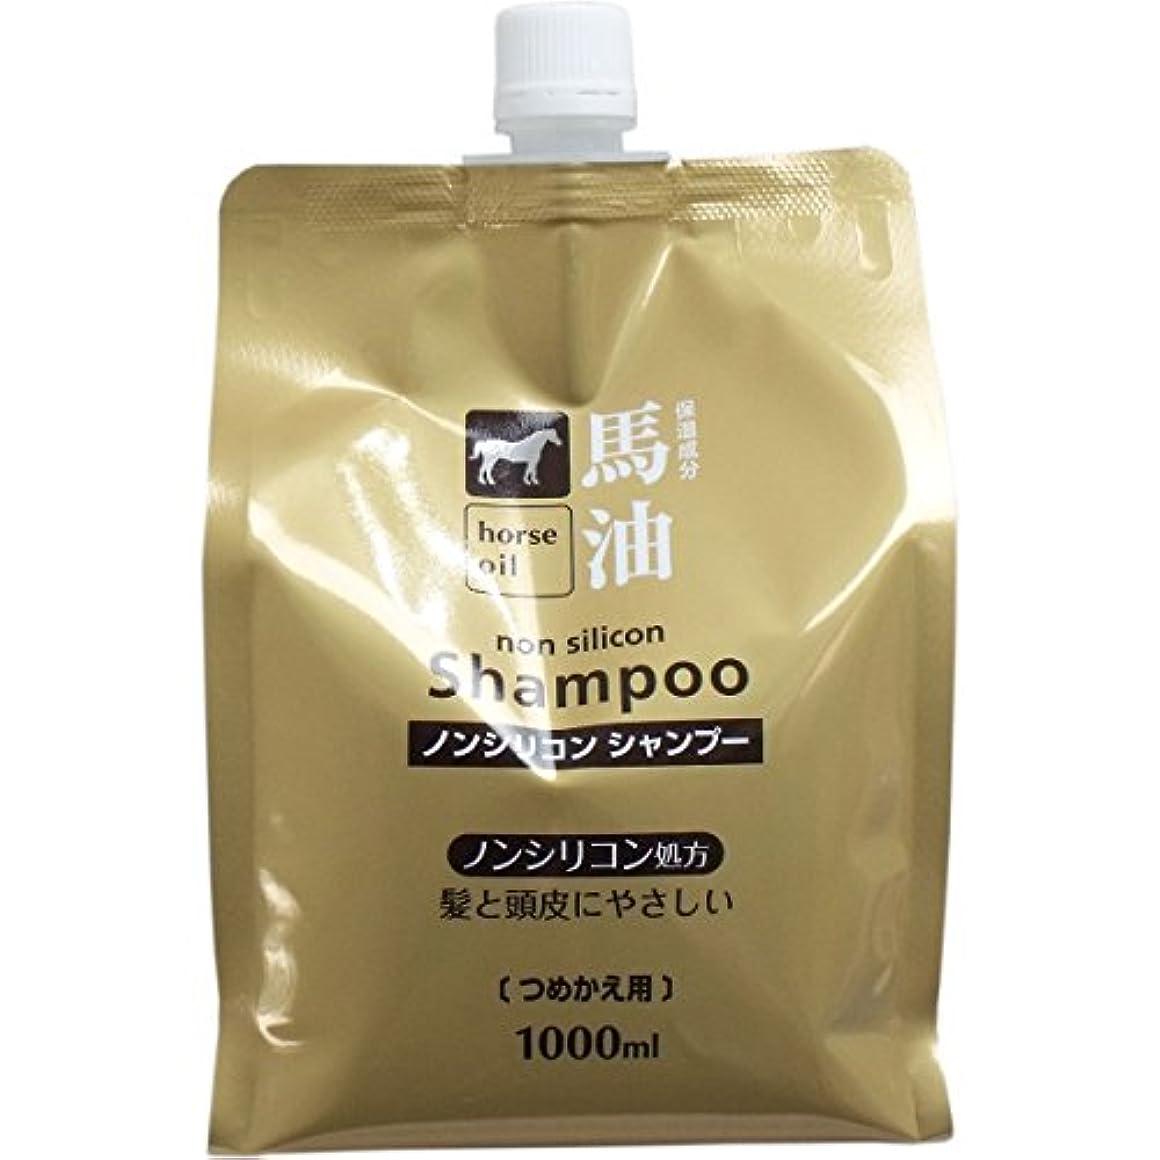 第九前に与える熊野油脂 馬油シャンプー 詰め替え用 1000ml×2セット 【 × 3個】